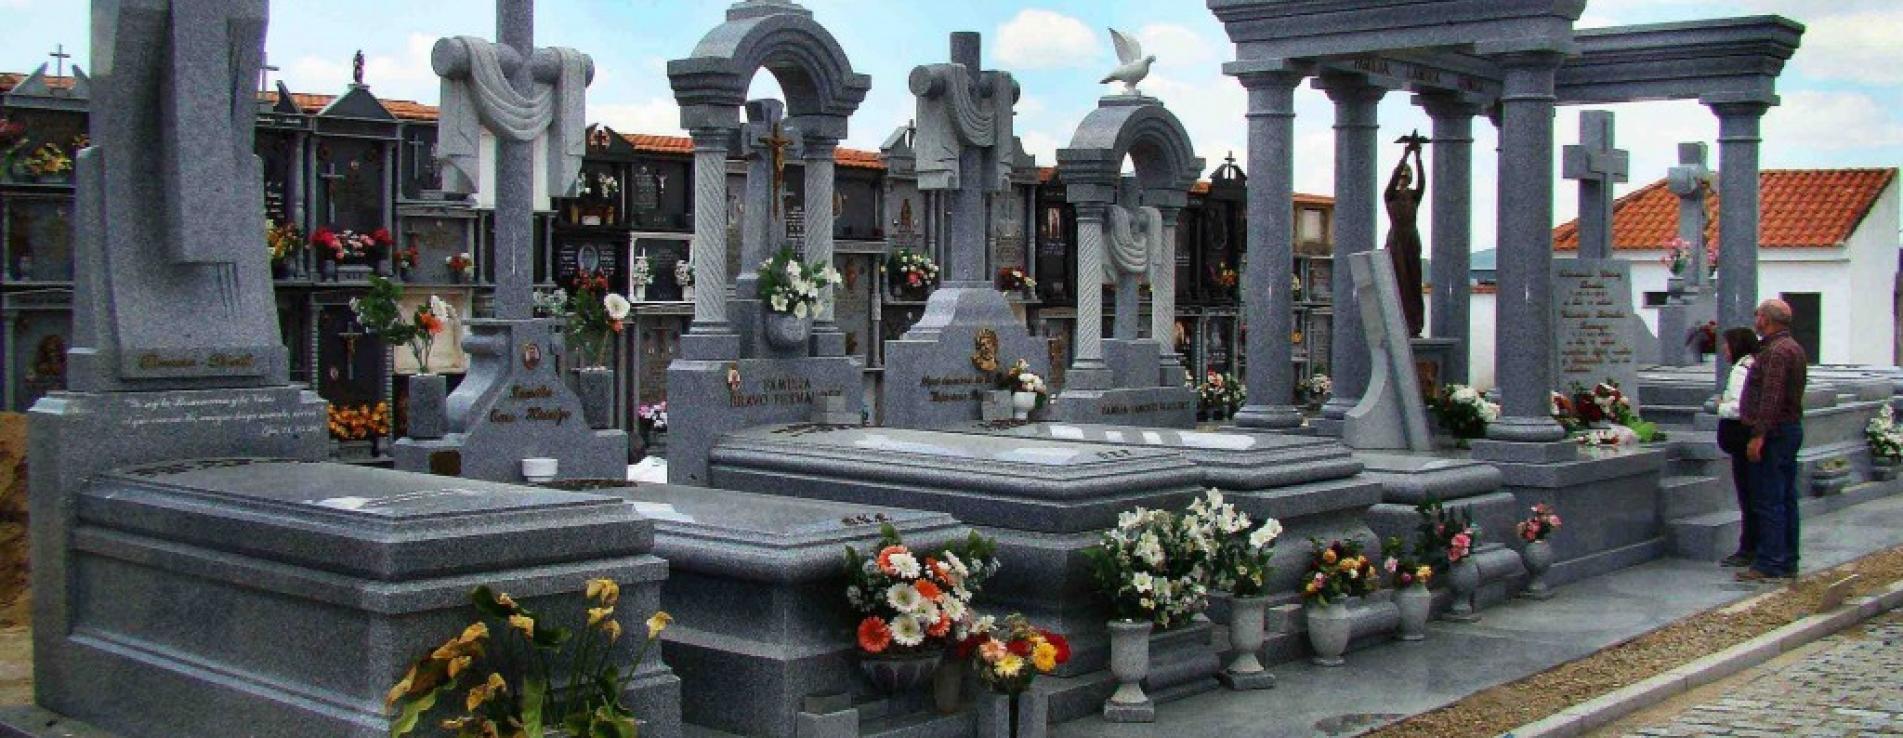 galeria-carrusel/824317837_funeraria.jpg